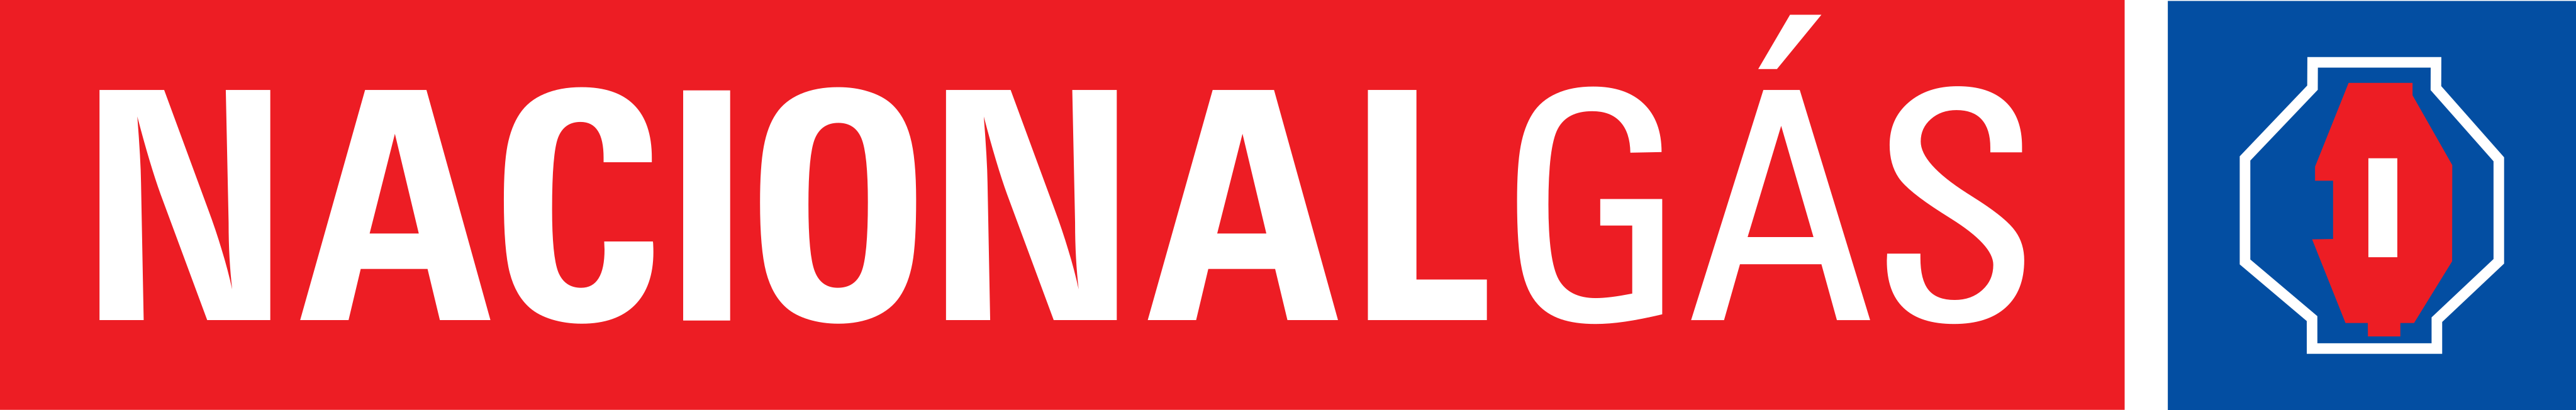 nacional gas logo - Nacional Gás Logo